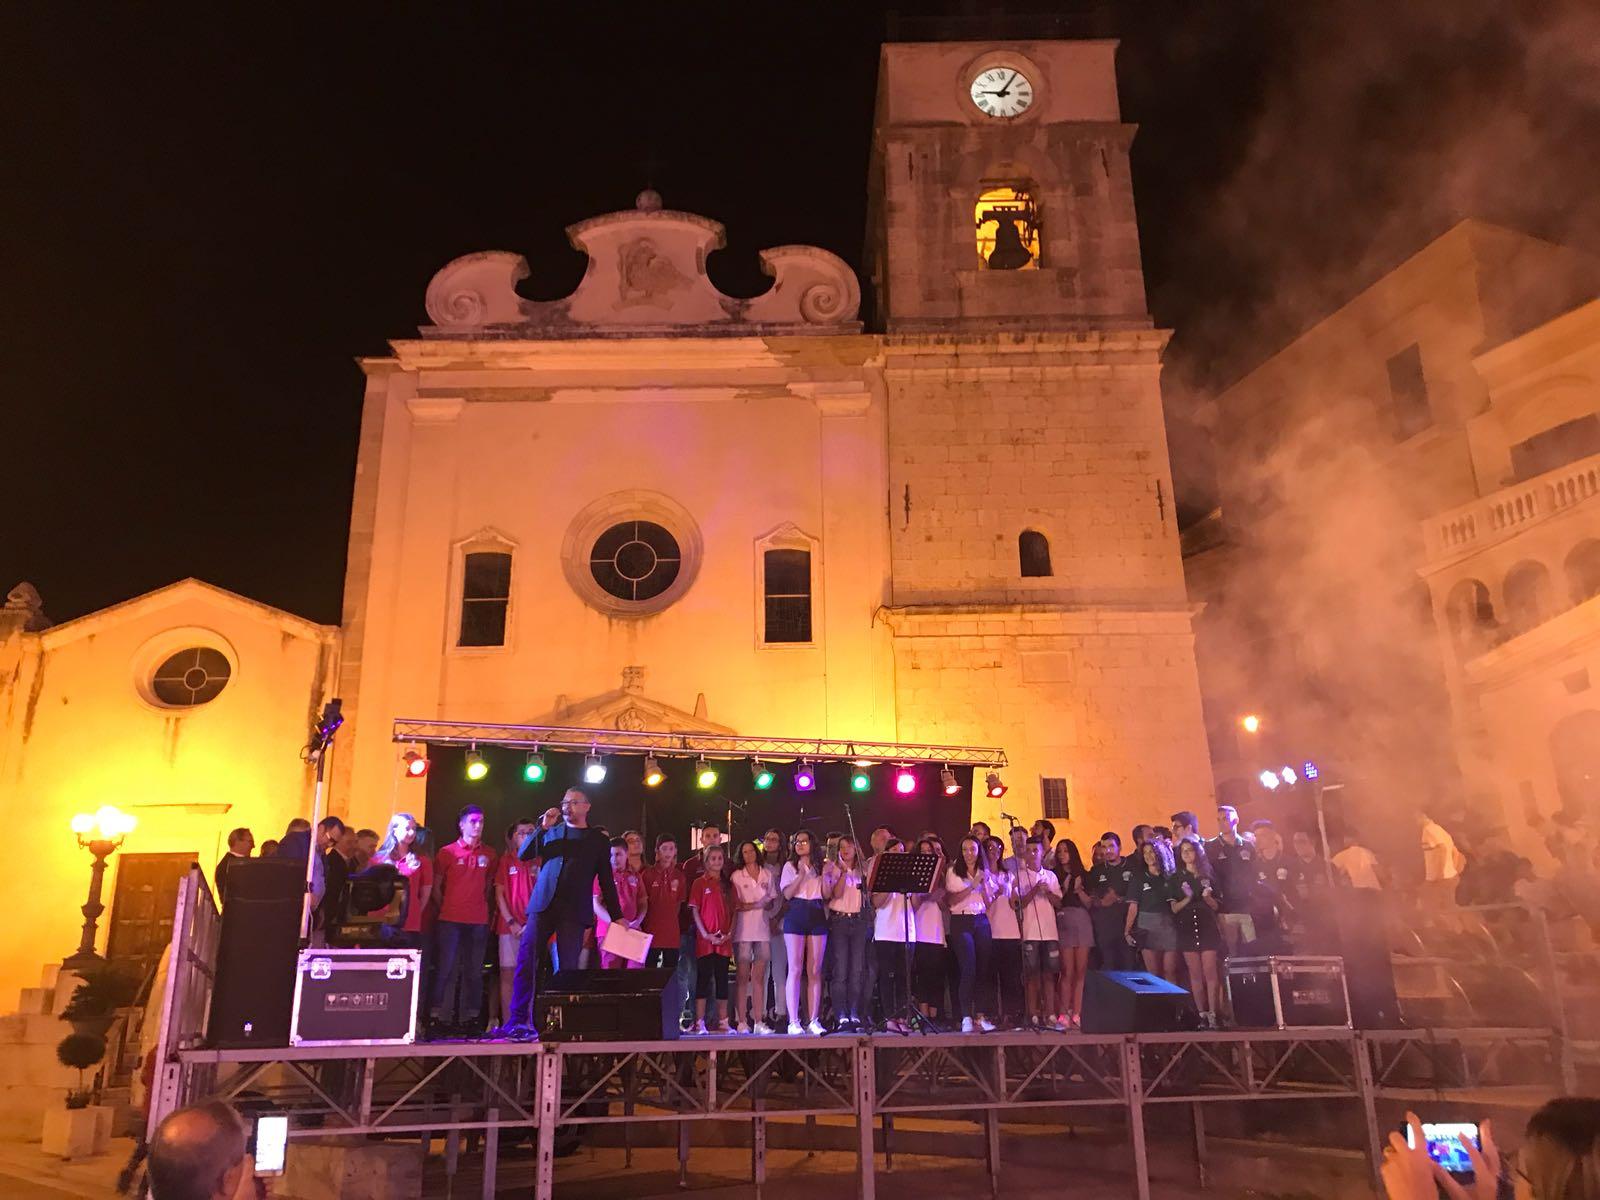 Candela. Festeggiamenti in piazza per la conquista del Titolo Italiano di tiro a segno 2018